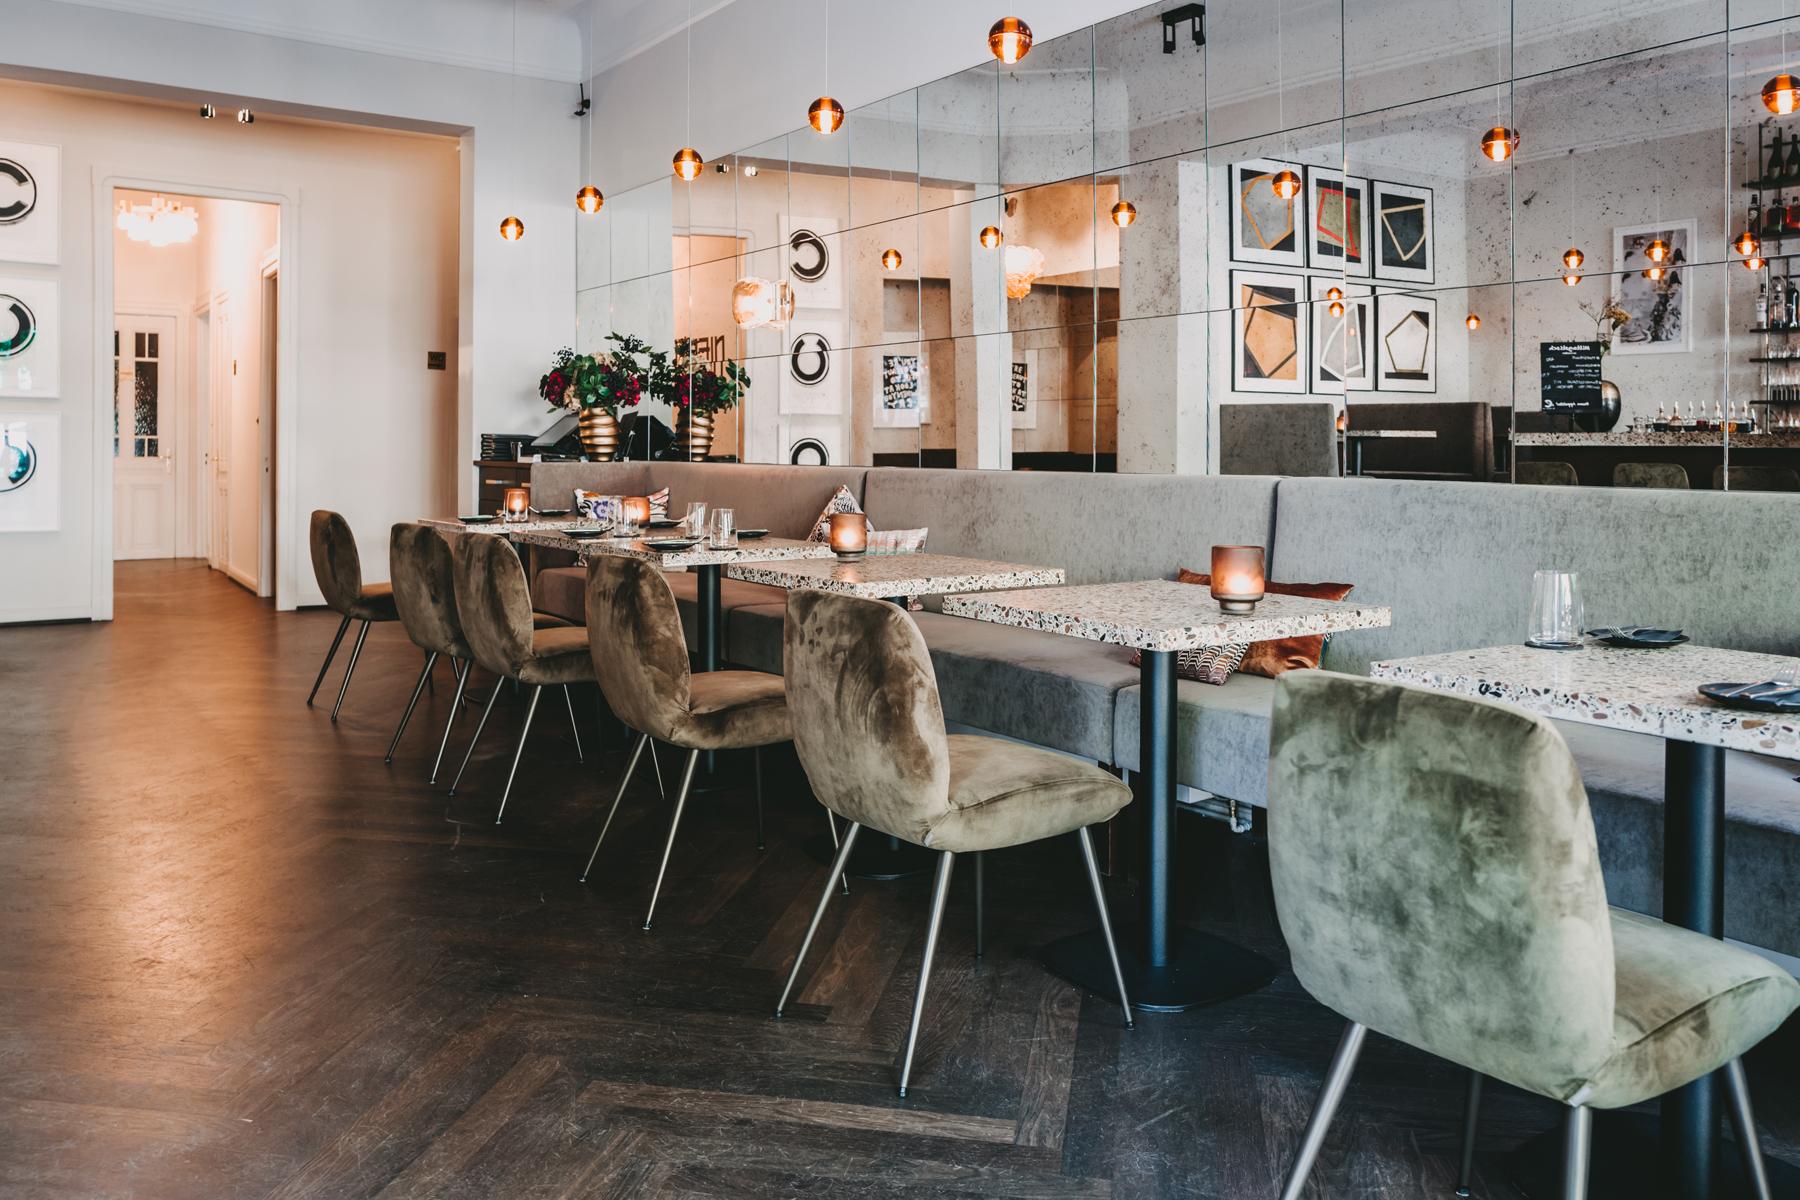 Geheimtipp Hamburg Essen & Trinken Bar Restaurant Il C Bar Dahlina Sophie Kock 9